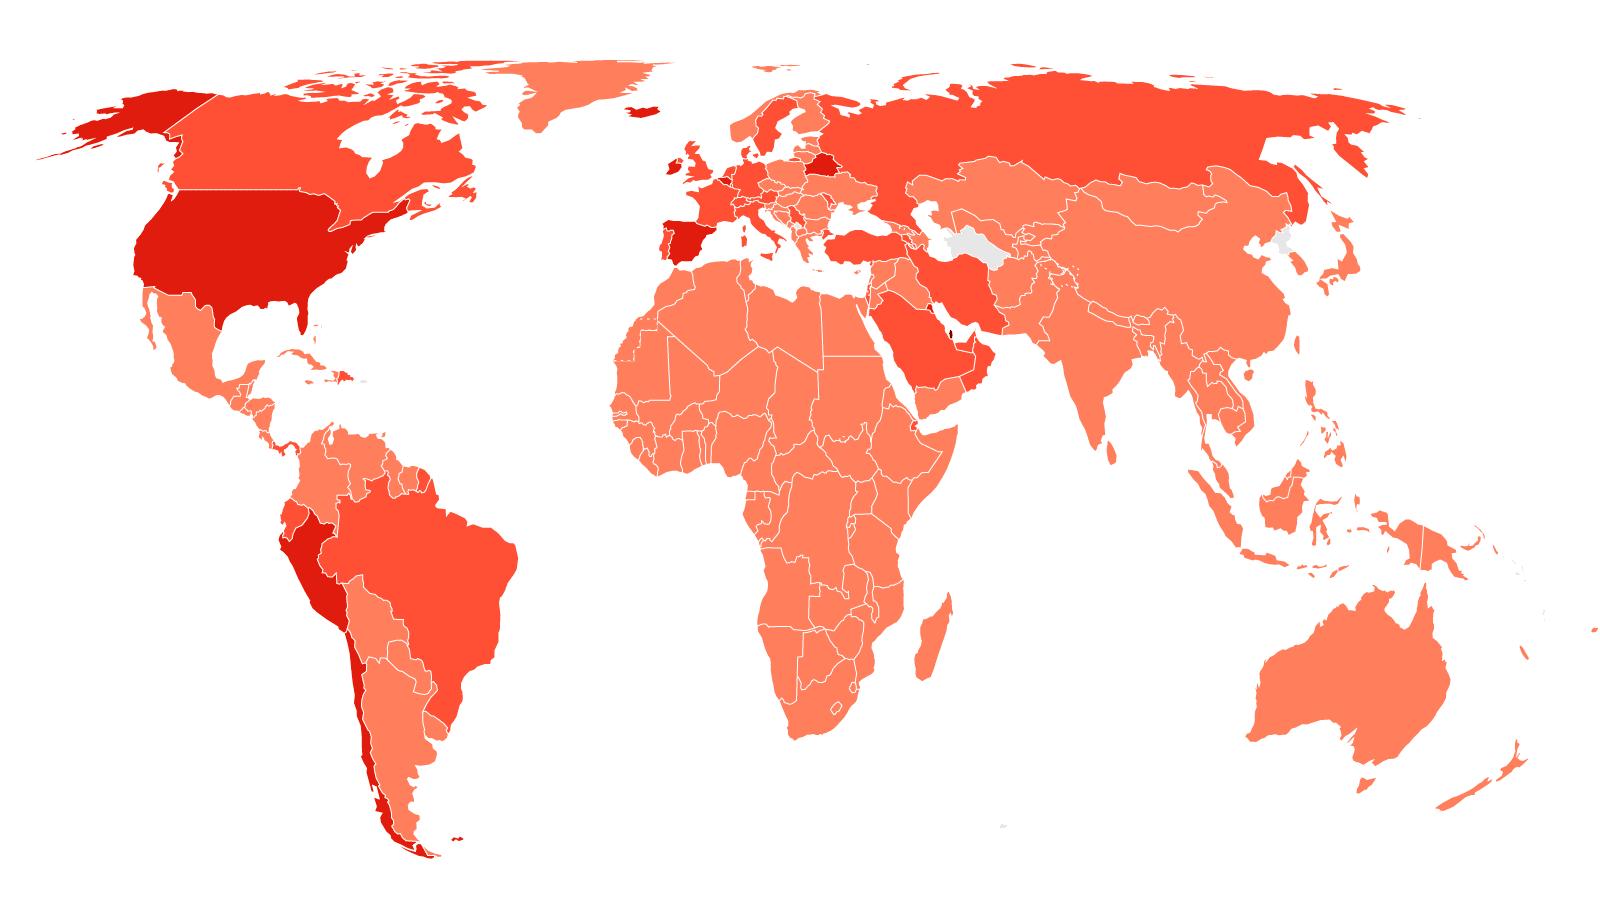 Ο χάρτης κορωνοϊού σε Ελλάδα:Νέα «έκρηξη» σε Αττική και Θεσσαλονίκη